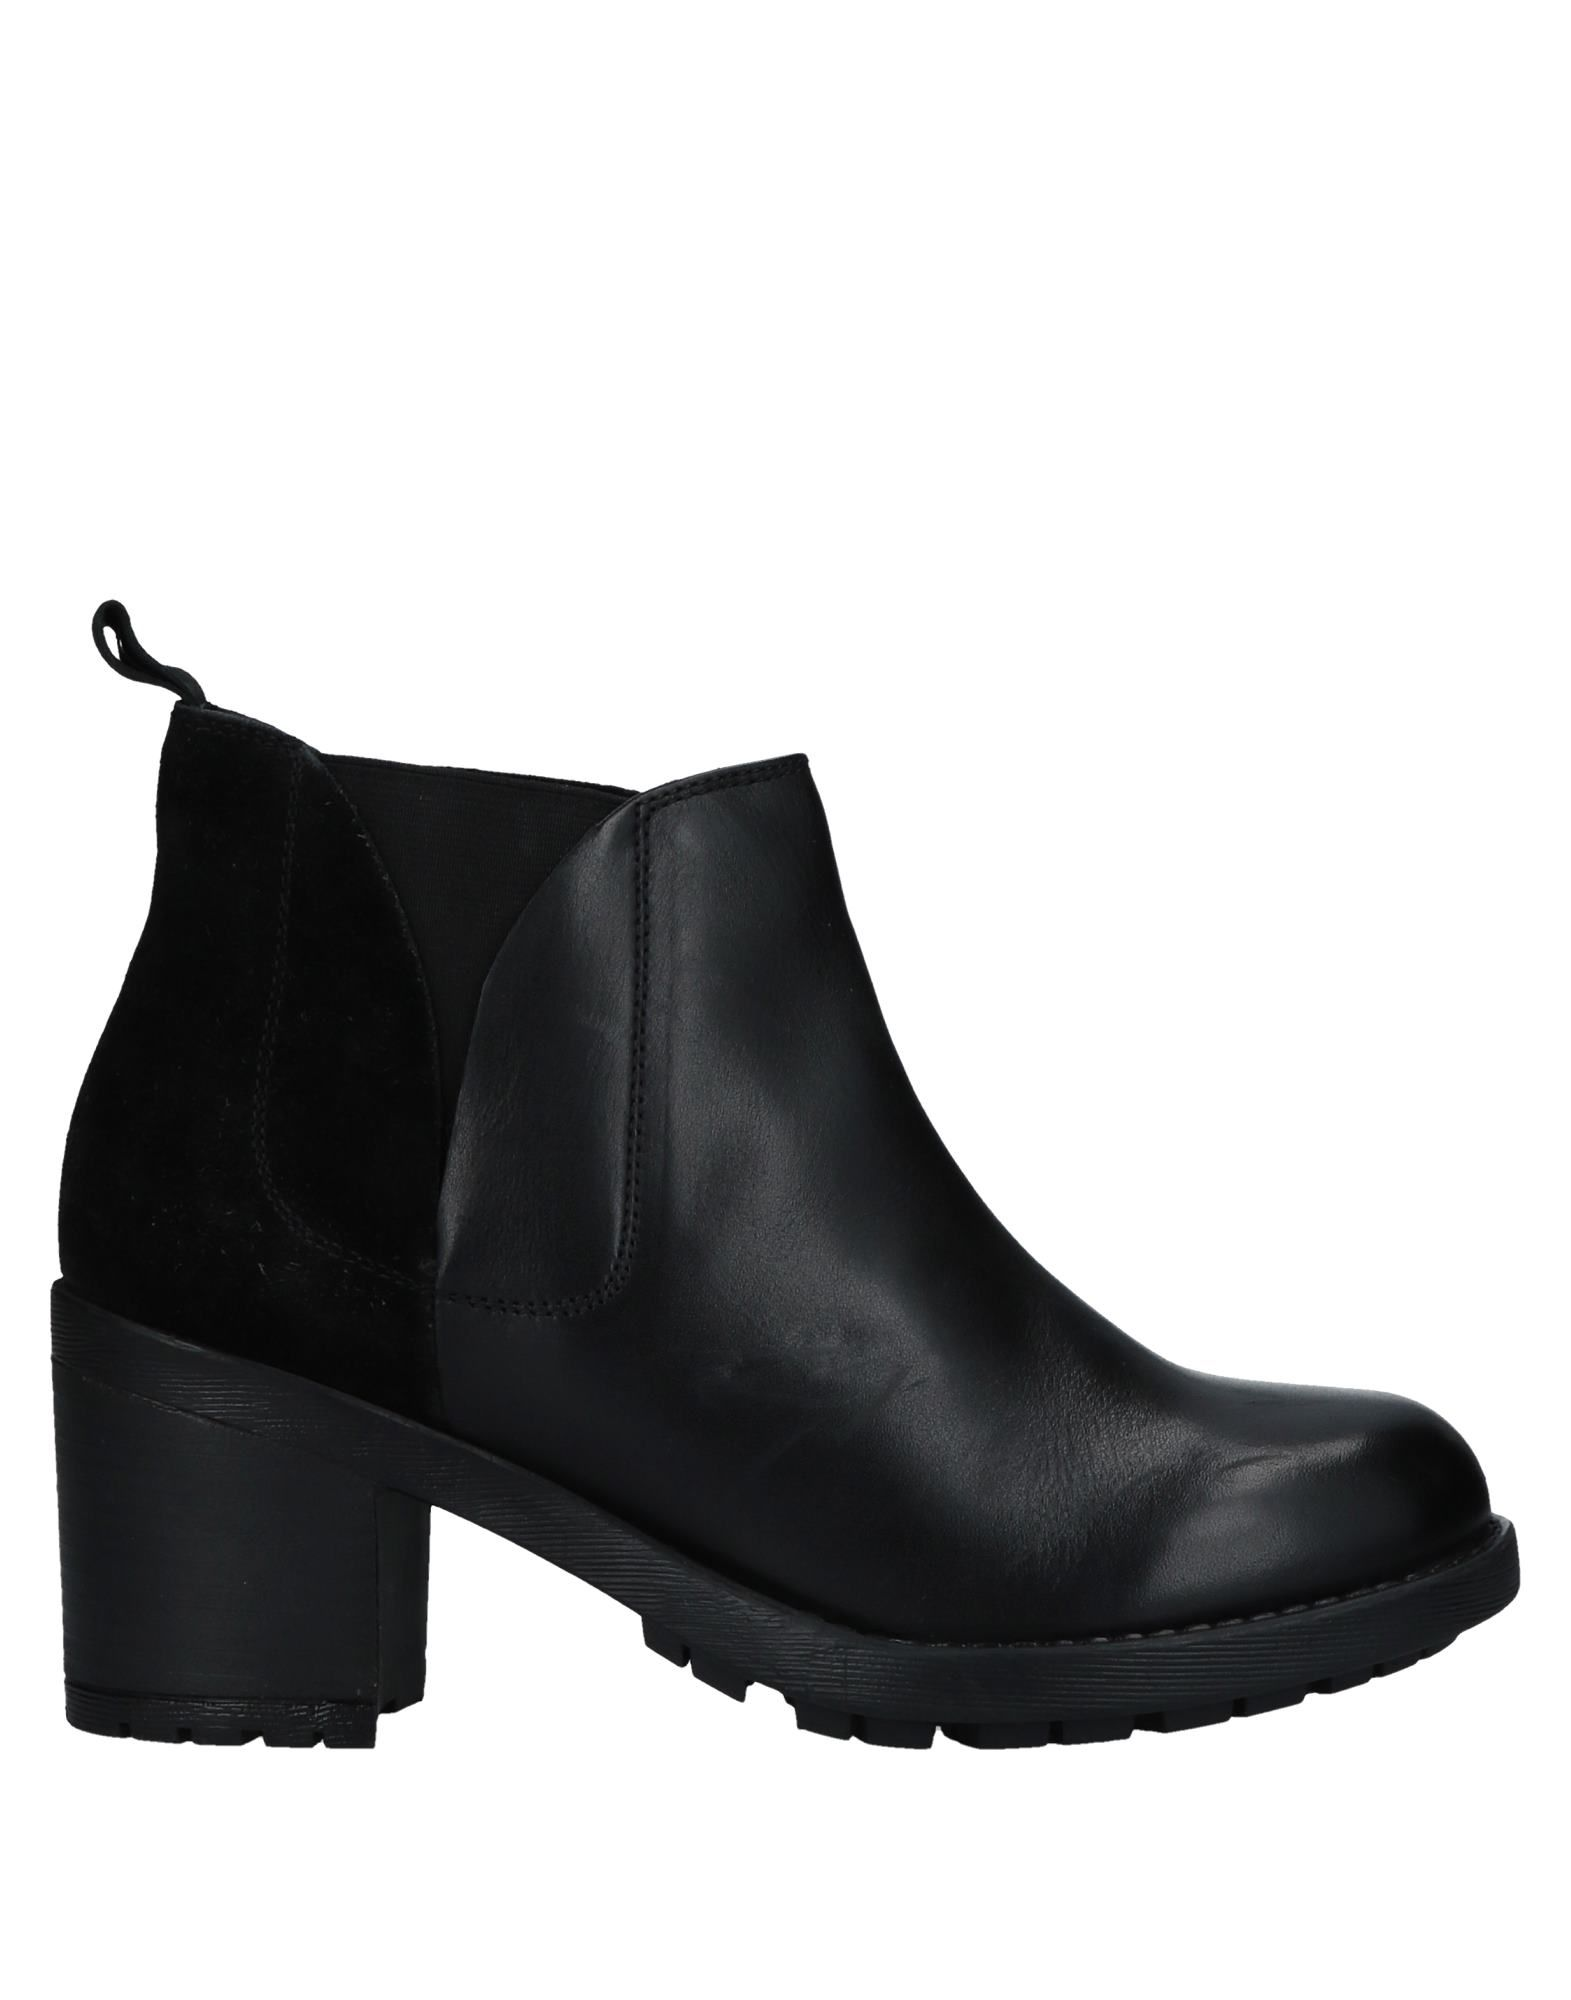 CARVELA Полусапоги и высокие ботинки цены онлайн